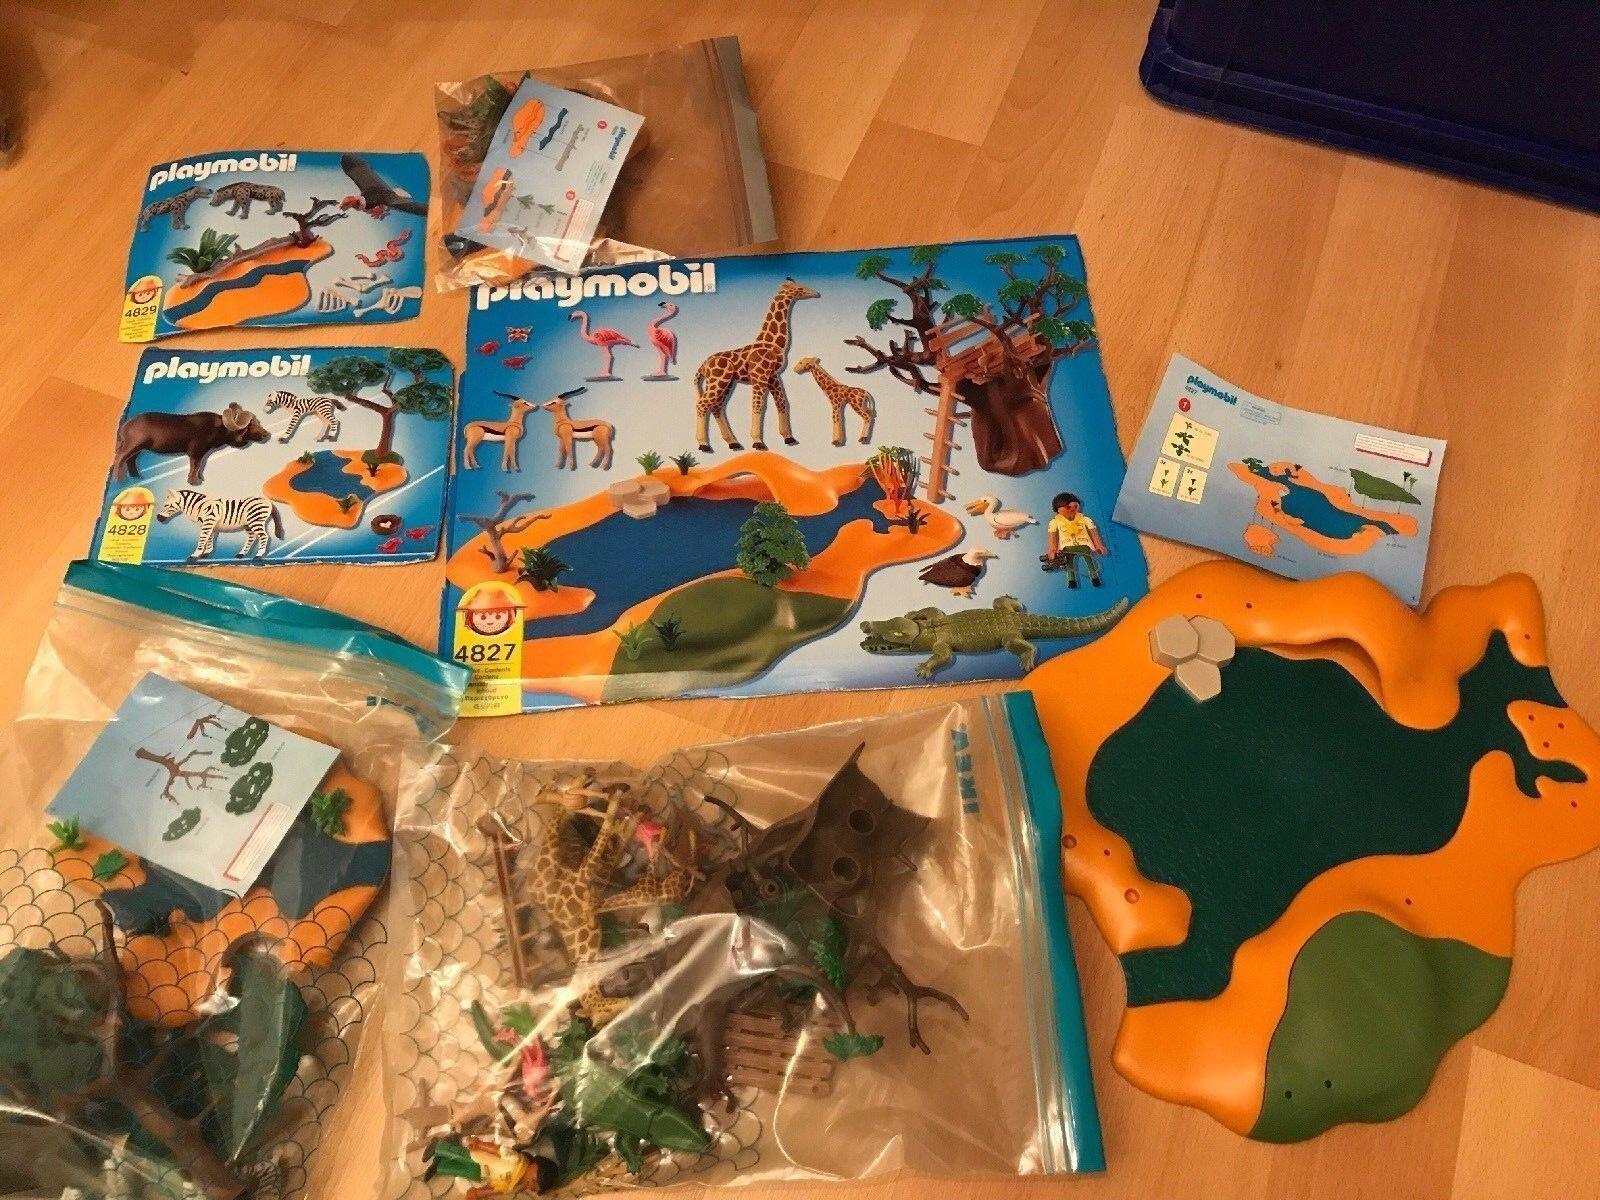 Playmobil 4827 Safari große Wasserstelle, dazu 4828 Zebras und 4829 Hyänen